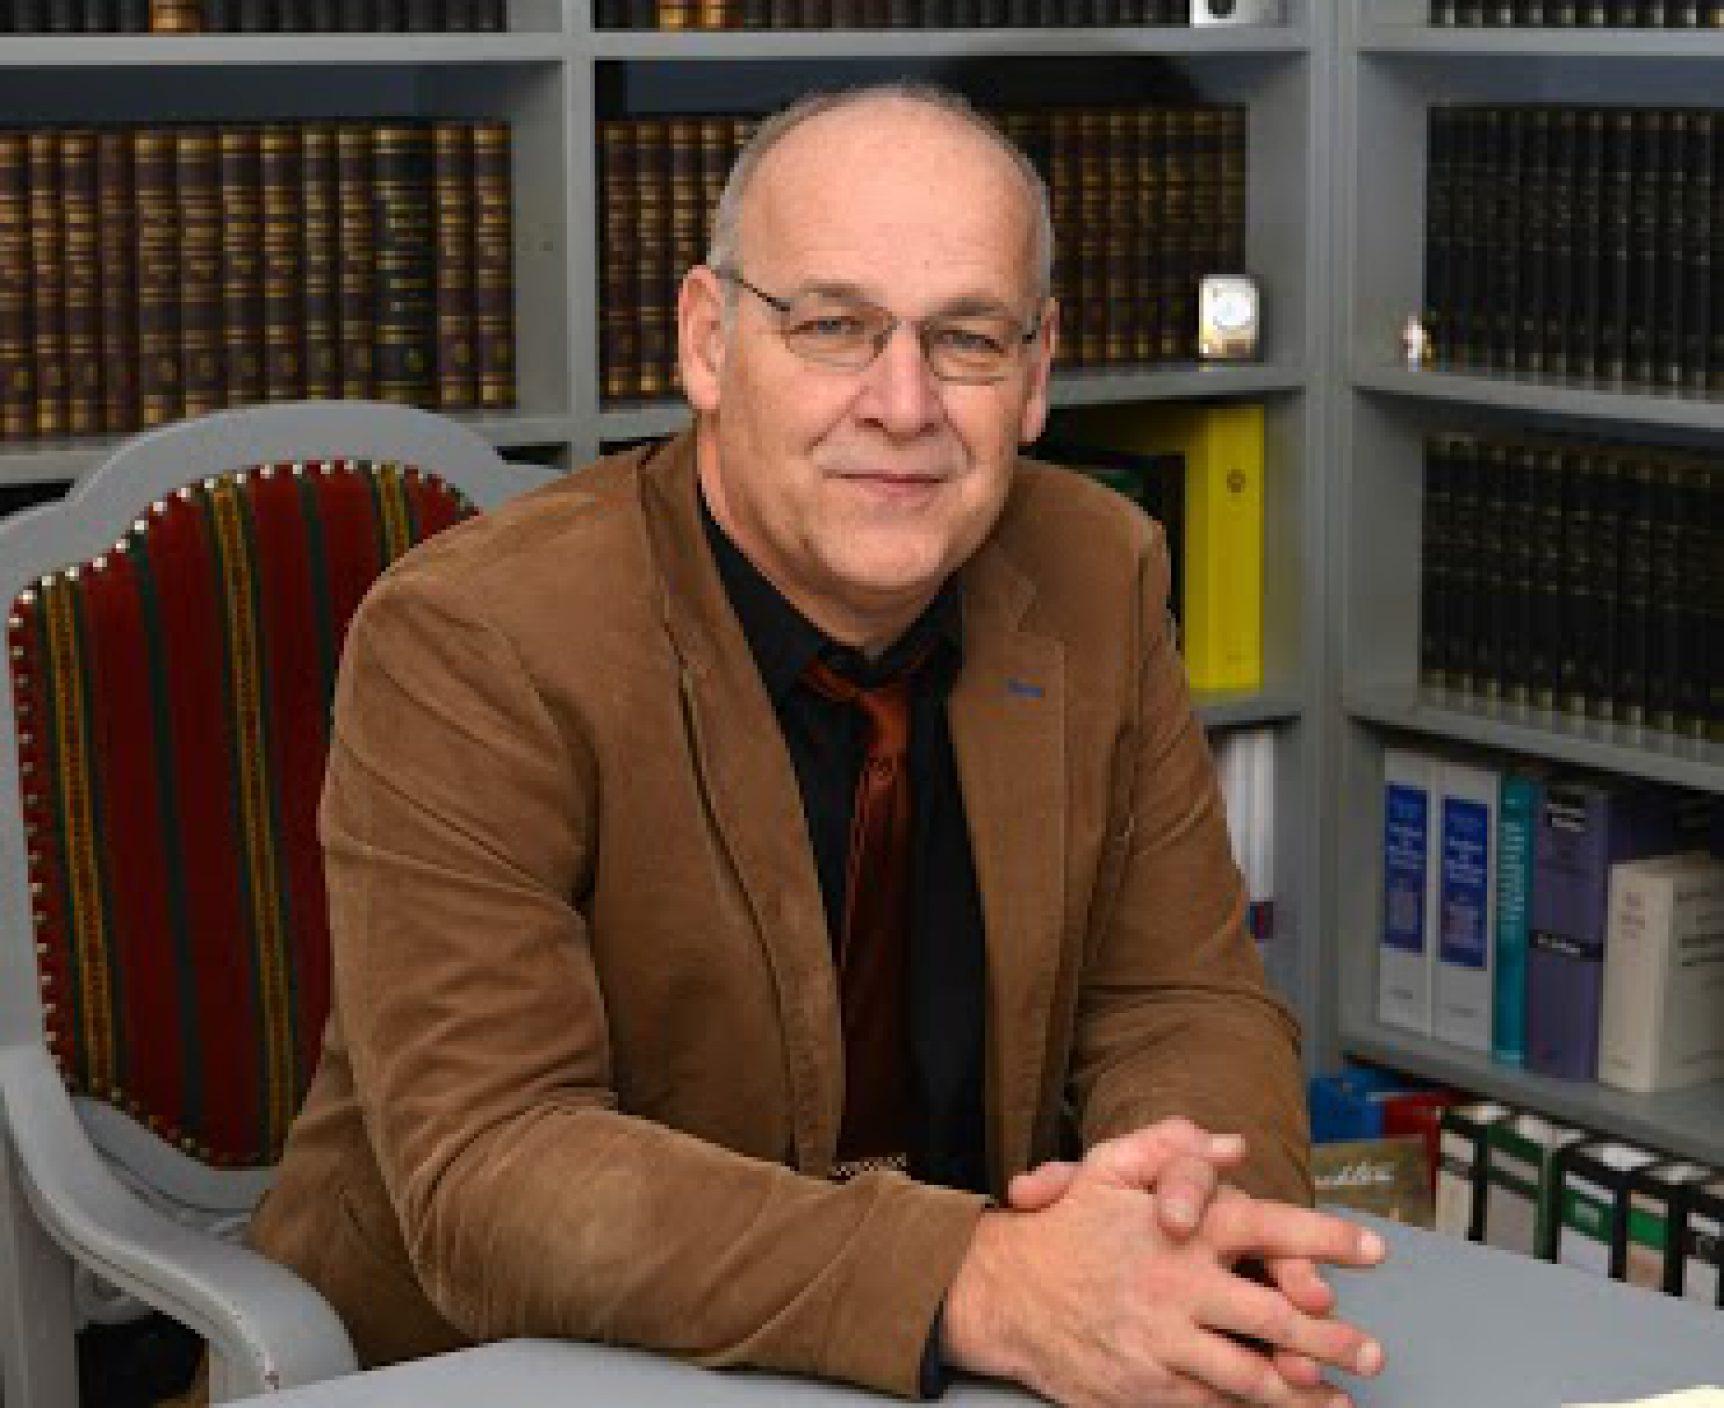 Gerolf Kratz – Fachanwalt Fachanwalt für Familienrecht und Erbrecht